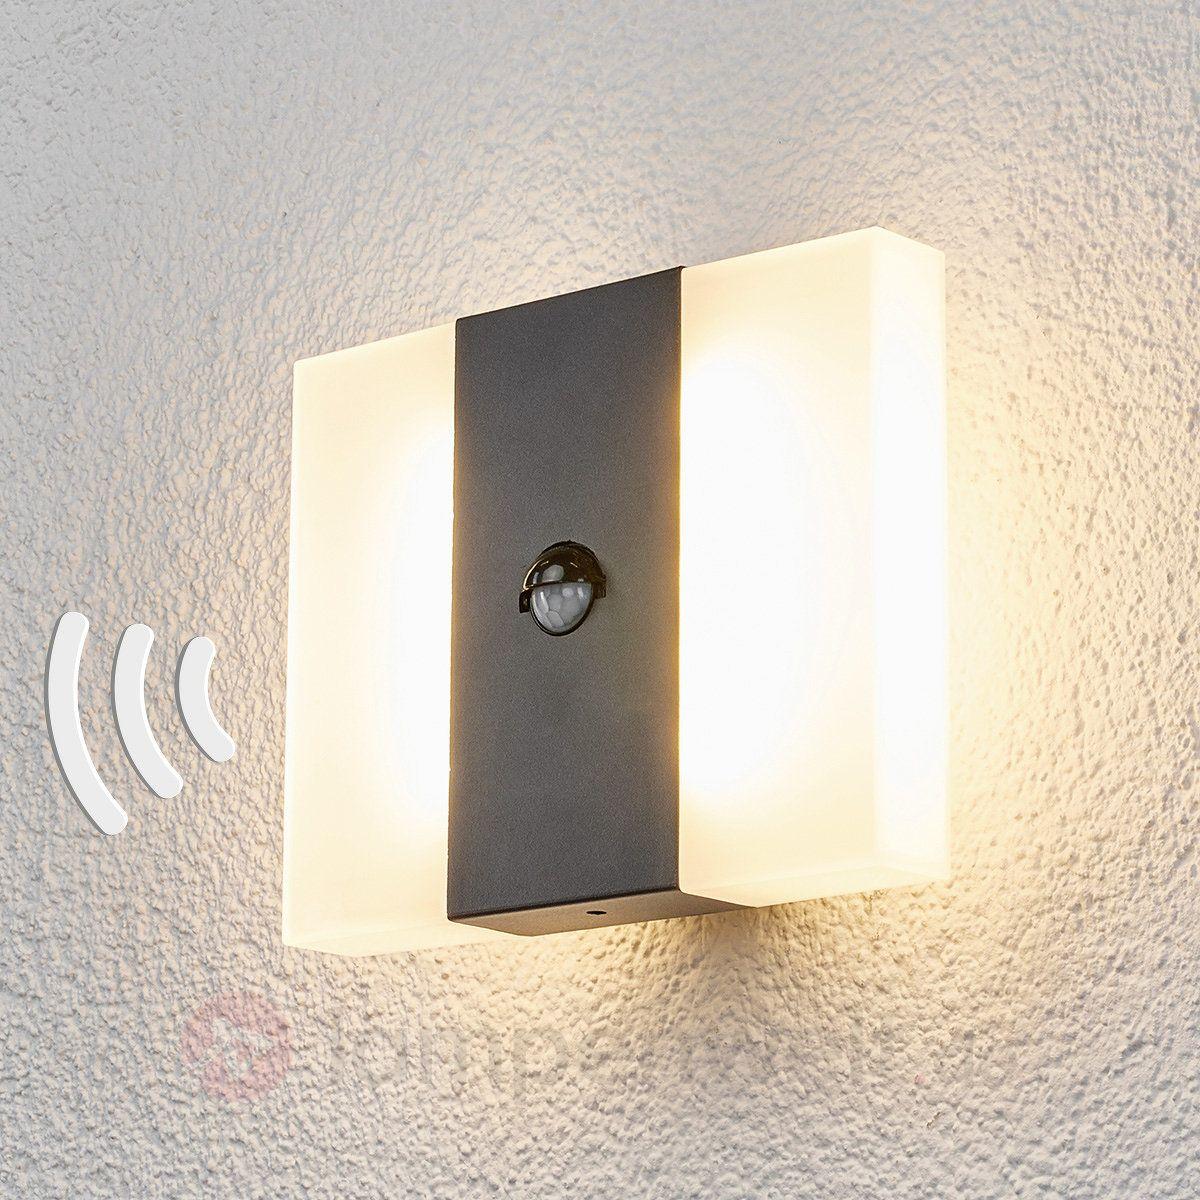 Schlichte Deckenleuchte Brick 4 X 24 W G5 Deckenleuchten Deckenlampe Lampen